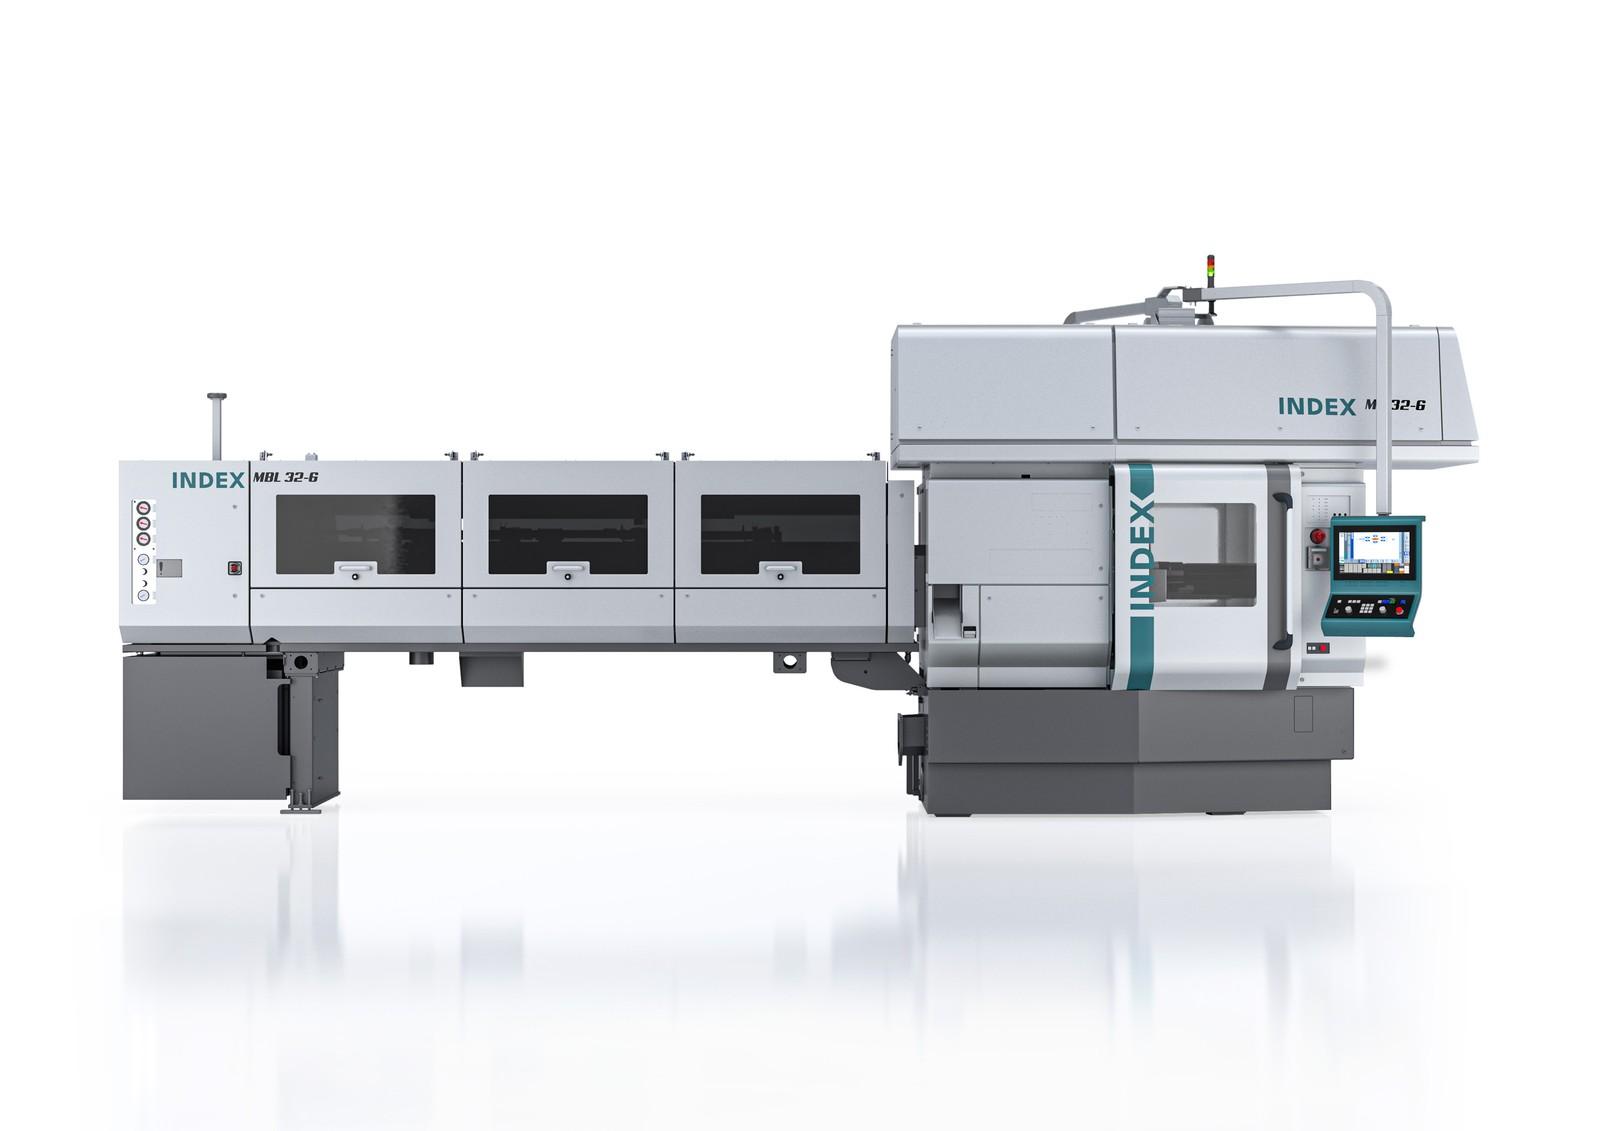 Mit Hilfe der Index MS32 lassen sich komplexe Drehteile bis Ø 32 mm fertigen.